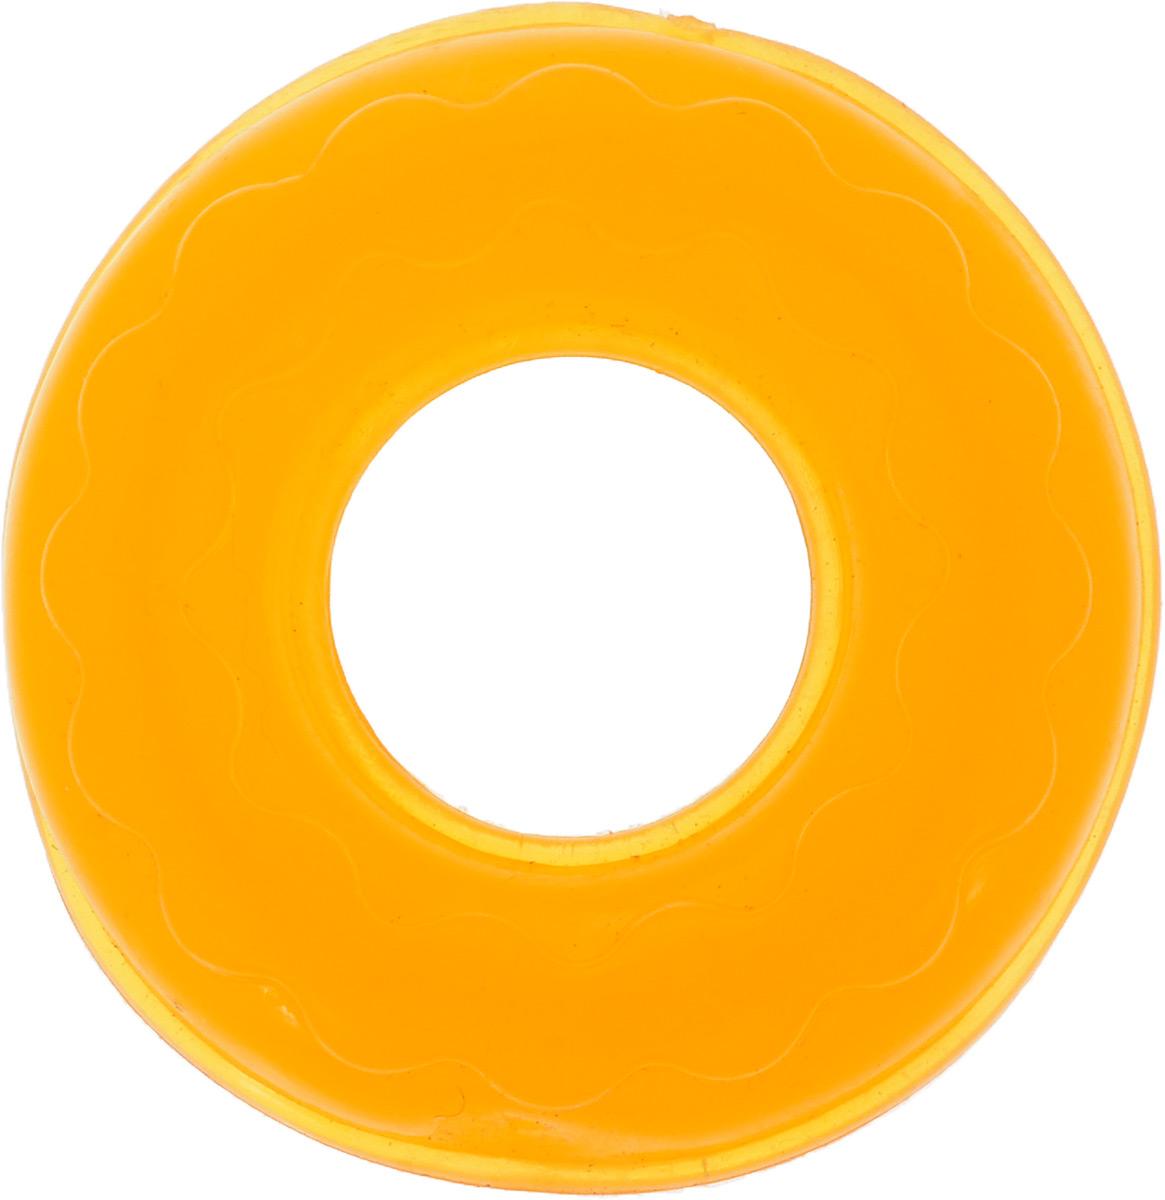 Игрушка для собак Doglike Кольцо Мини, 6,5 х 6,5 х 2 см3326_белый/синий/красныйИгрушка Doglike Кольцо Мини служит для массажа десен и очистки зубов от налета и камня, а также снимает нервное напряжение. Игрушка представляет собой резиновое кольцо. Она прочная и может выдержать огромное количество часов игры. Это идеальная замена косточке.Если ваш пес портит мебель, излишне агрессивен, непослушен или страдает излишним весом то, скорее всего, корень всех бед кроется в недостаточной физической и эмоциональной нагрузке. Порадуйте своего питомца прекрасным и качественным подарком.